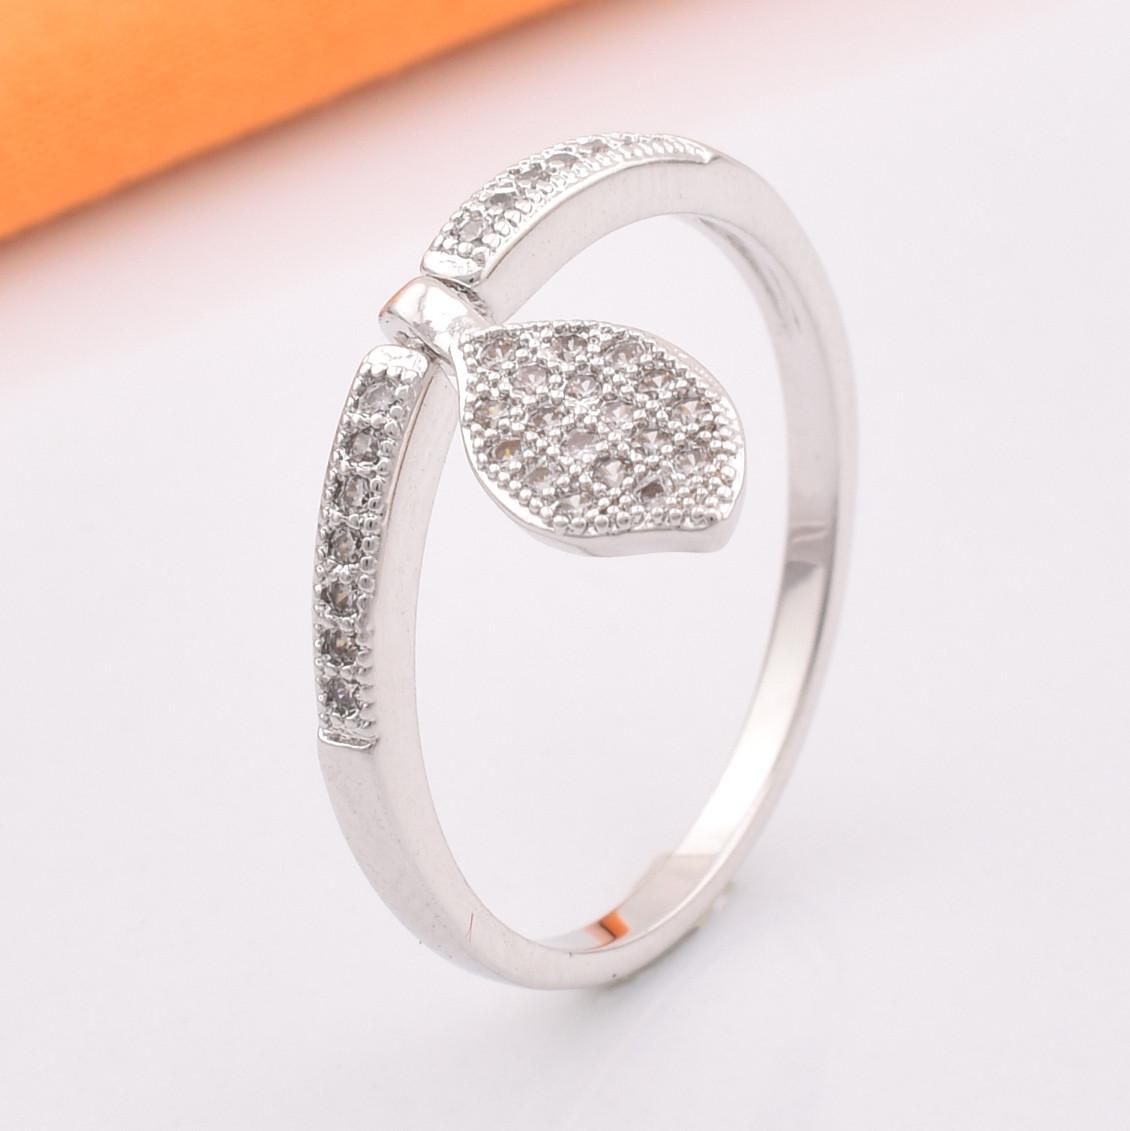 Кольцо 10110 размер 16, белые фианиты, позолота Белое Золото